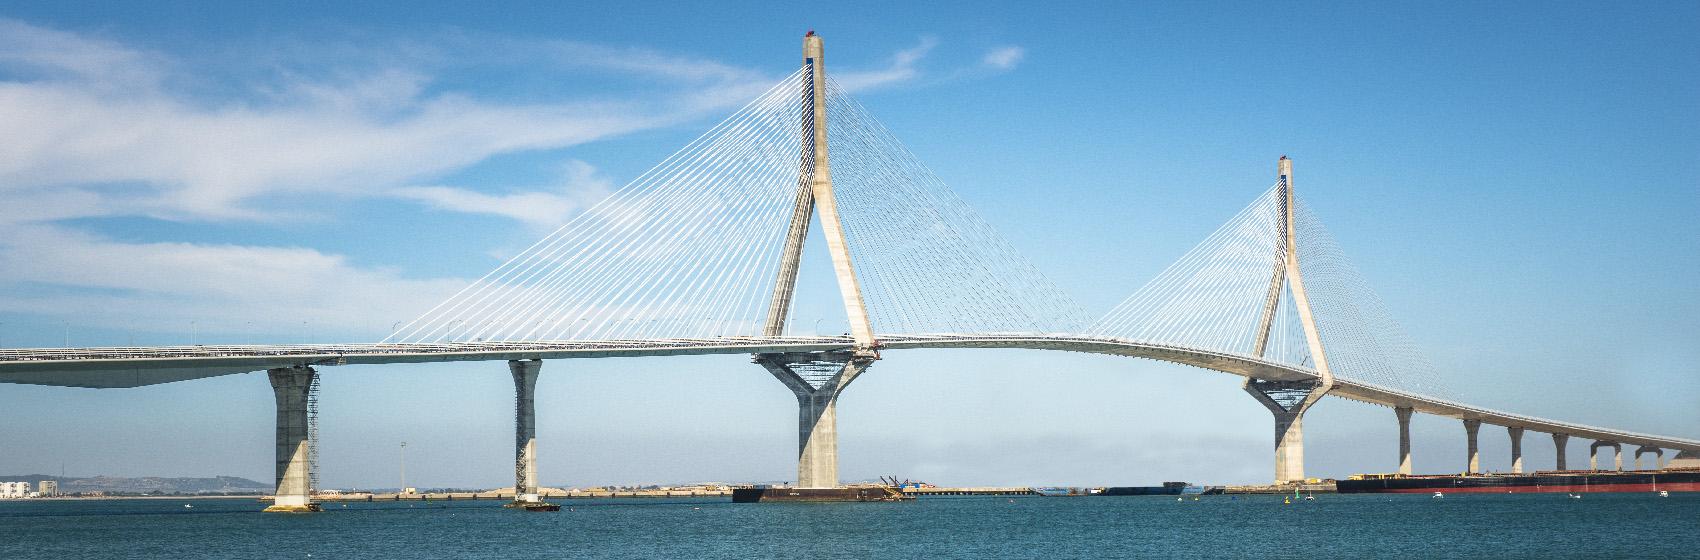 Puente_Cadiz_Pano